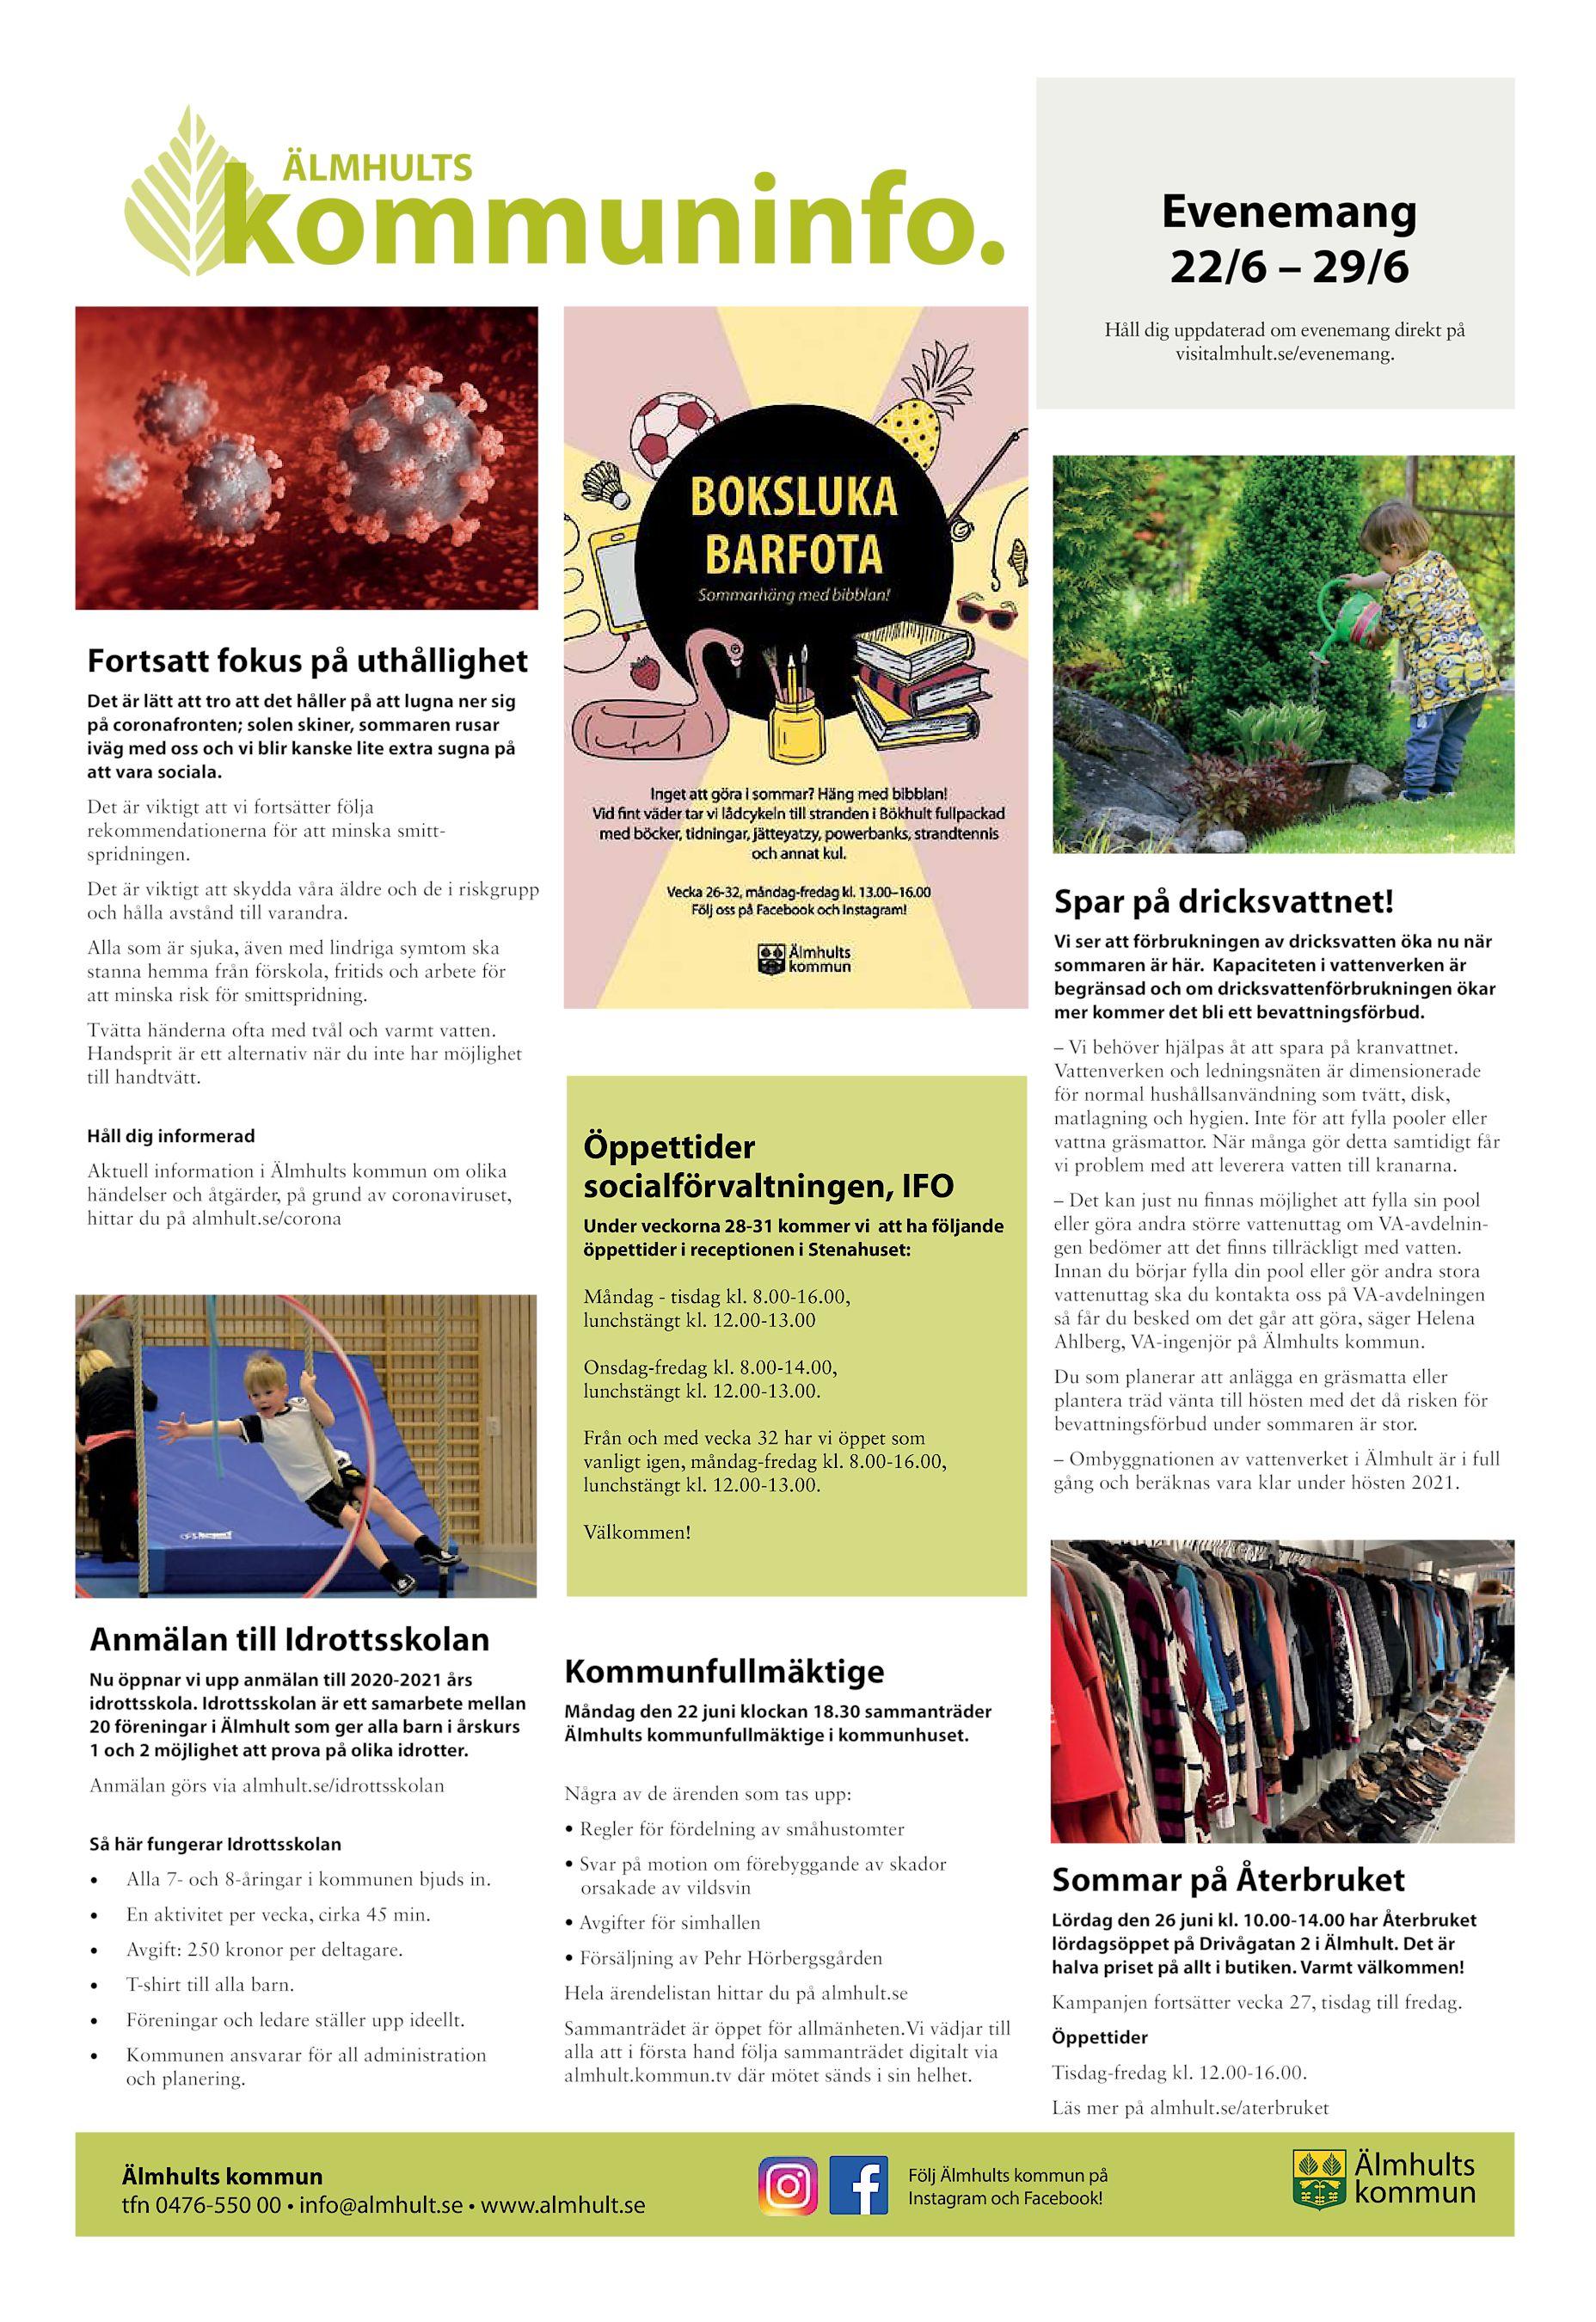 Familjen Kamprad ger till ldre | Smlands-Tidningen